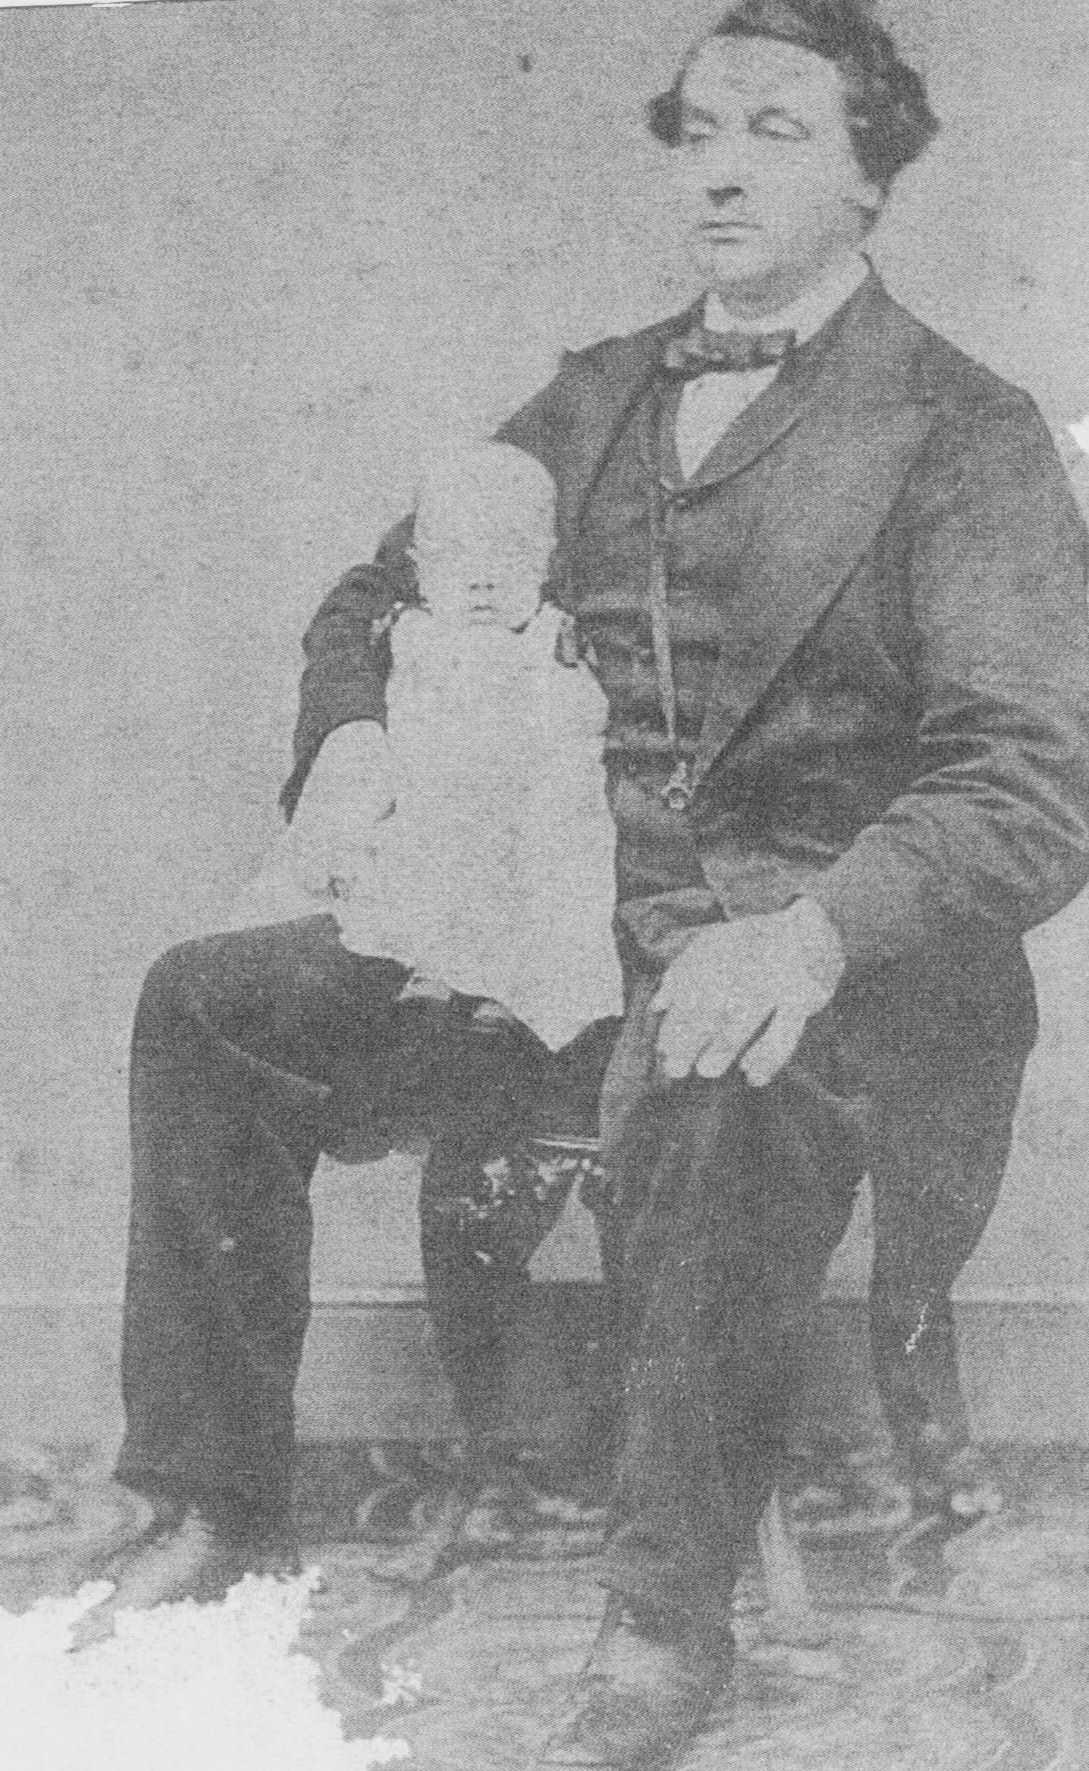 James Sly & son Charles Herbert